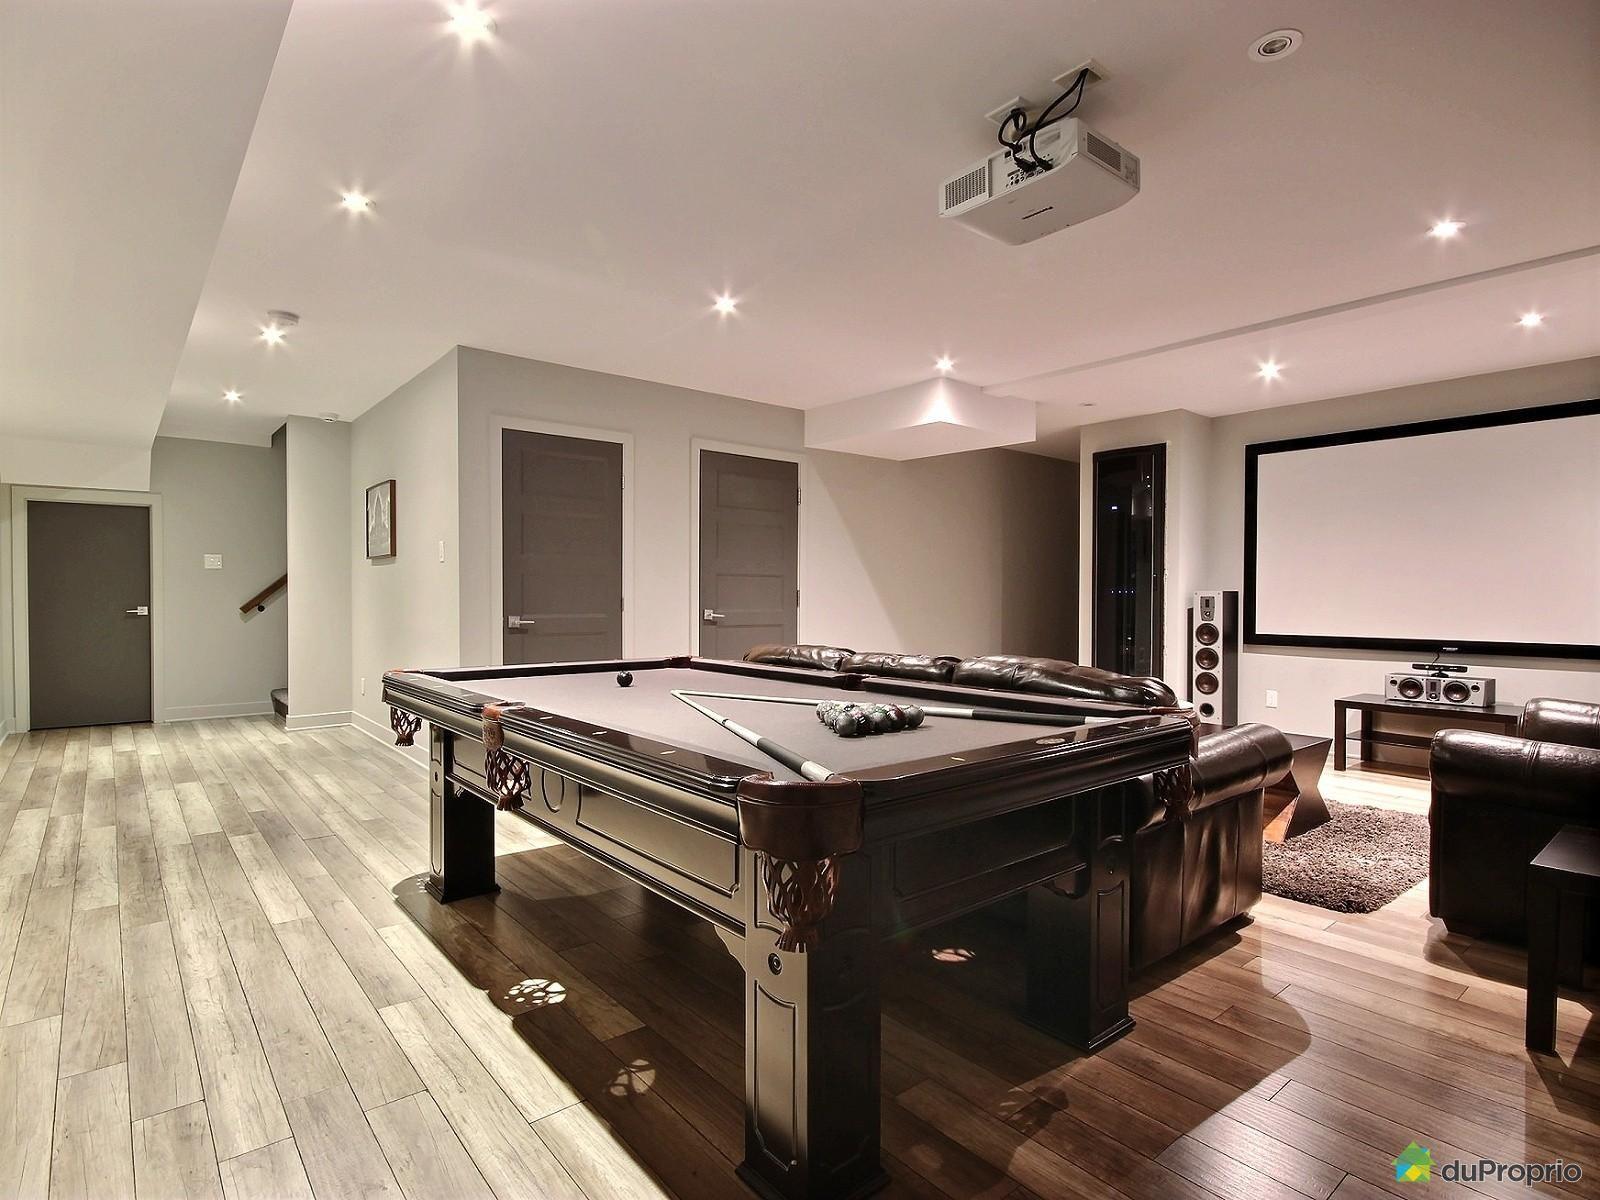 Maison Contemporaine Avec Plus De 5000 Pi2 Incluant 3 Garages